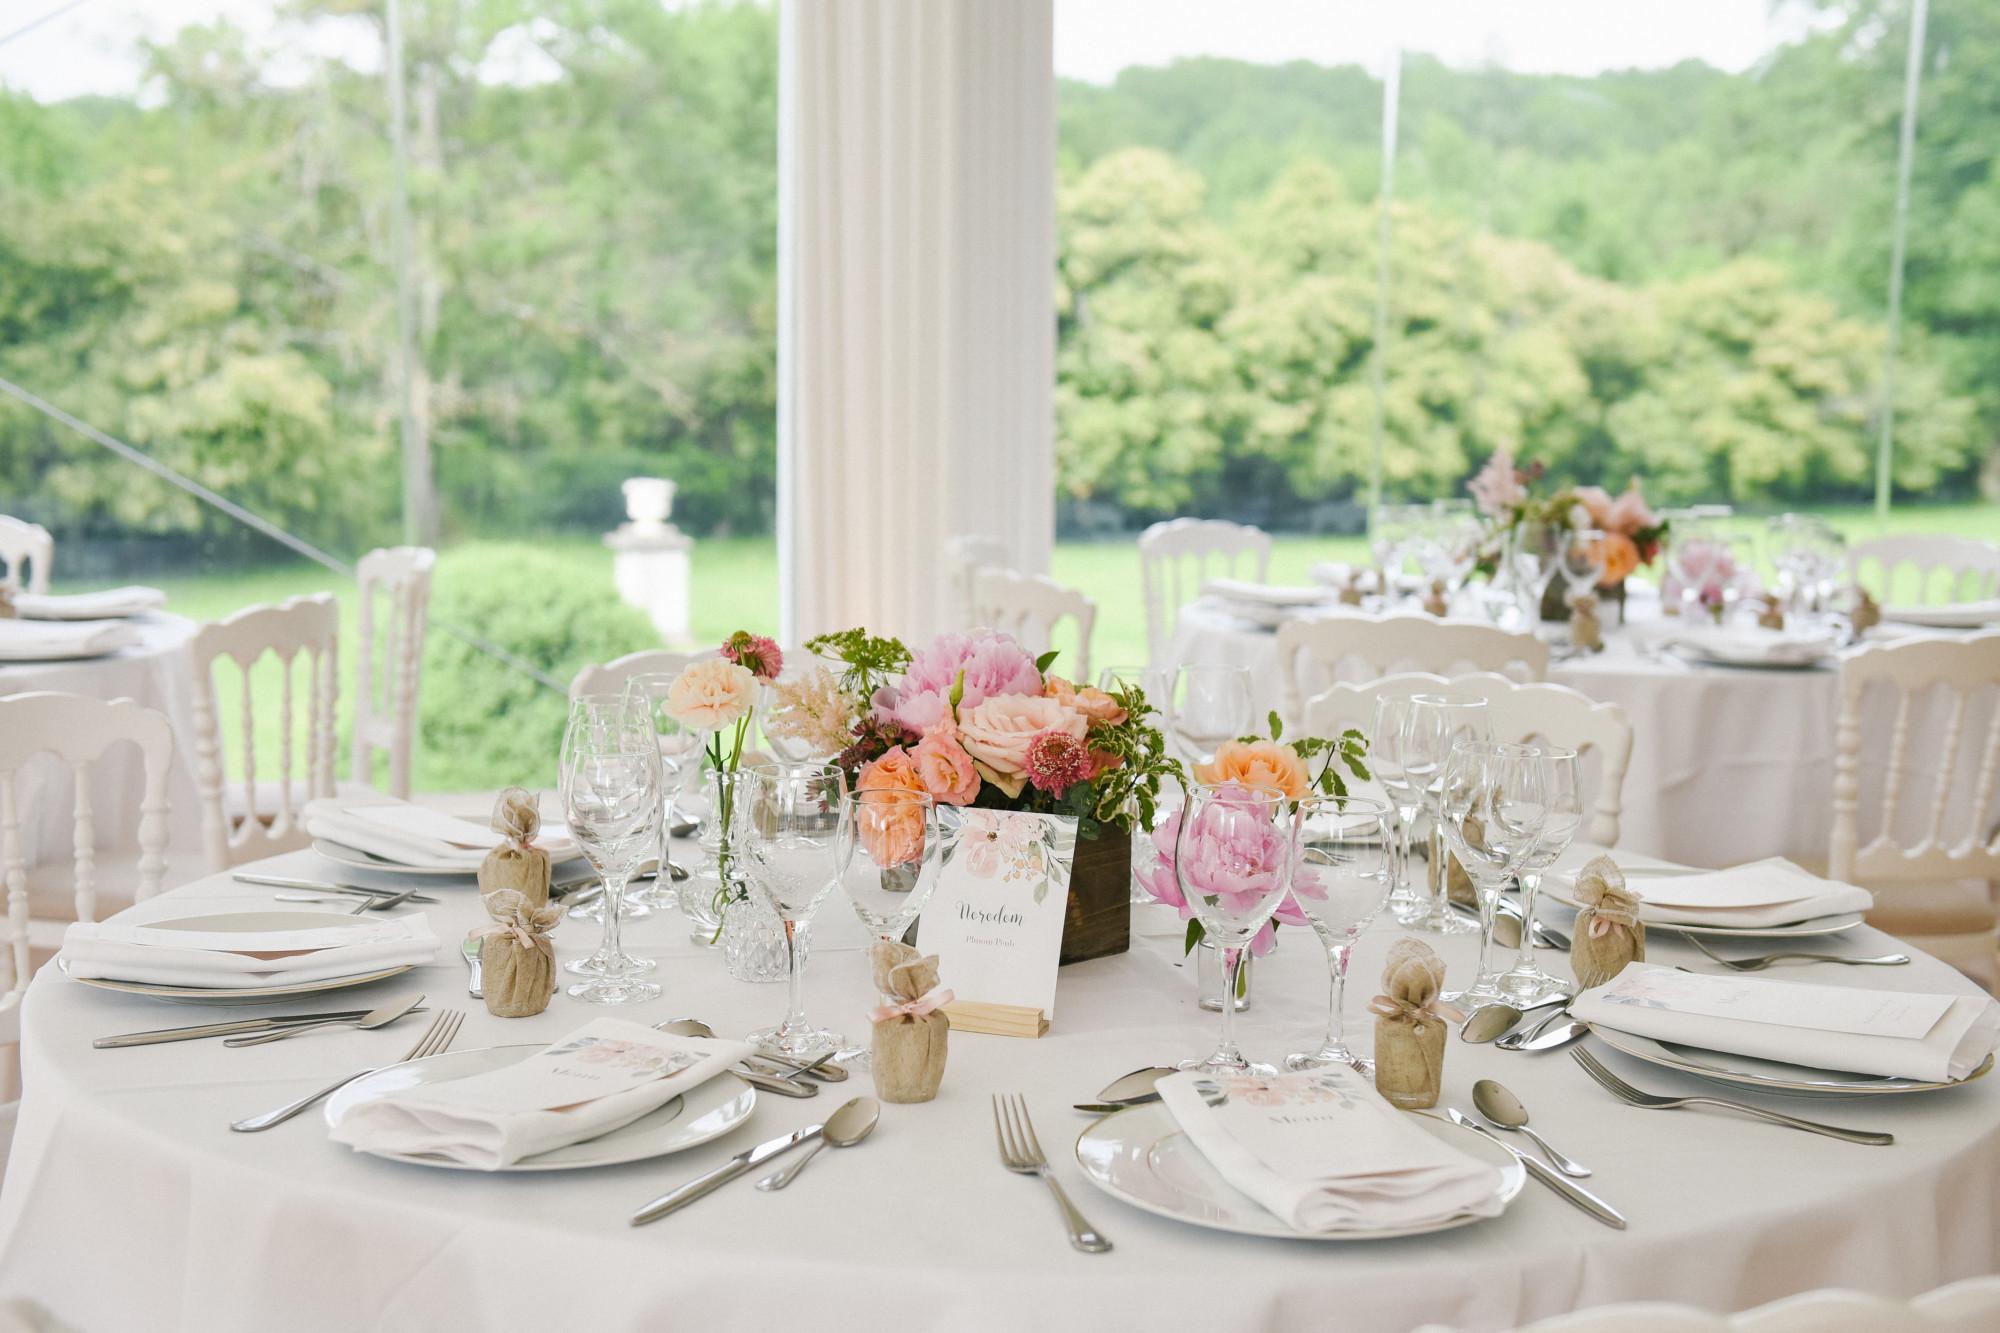 décoratrice mariage, fleuriste mariage, décoration, mariage, Ile de france, fleuriste mariage, centre de table, wedding décor , mariage élégant